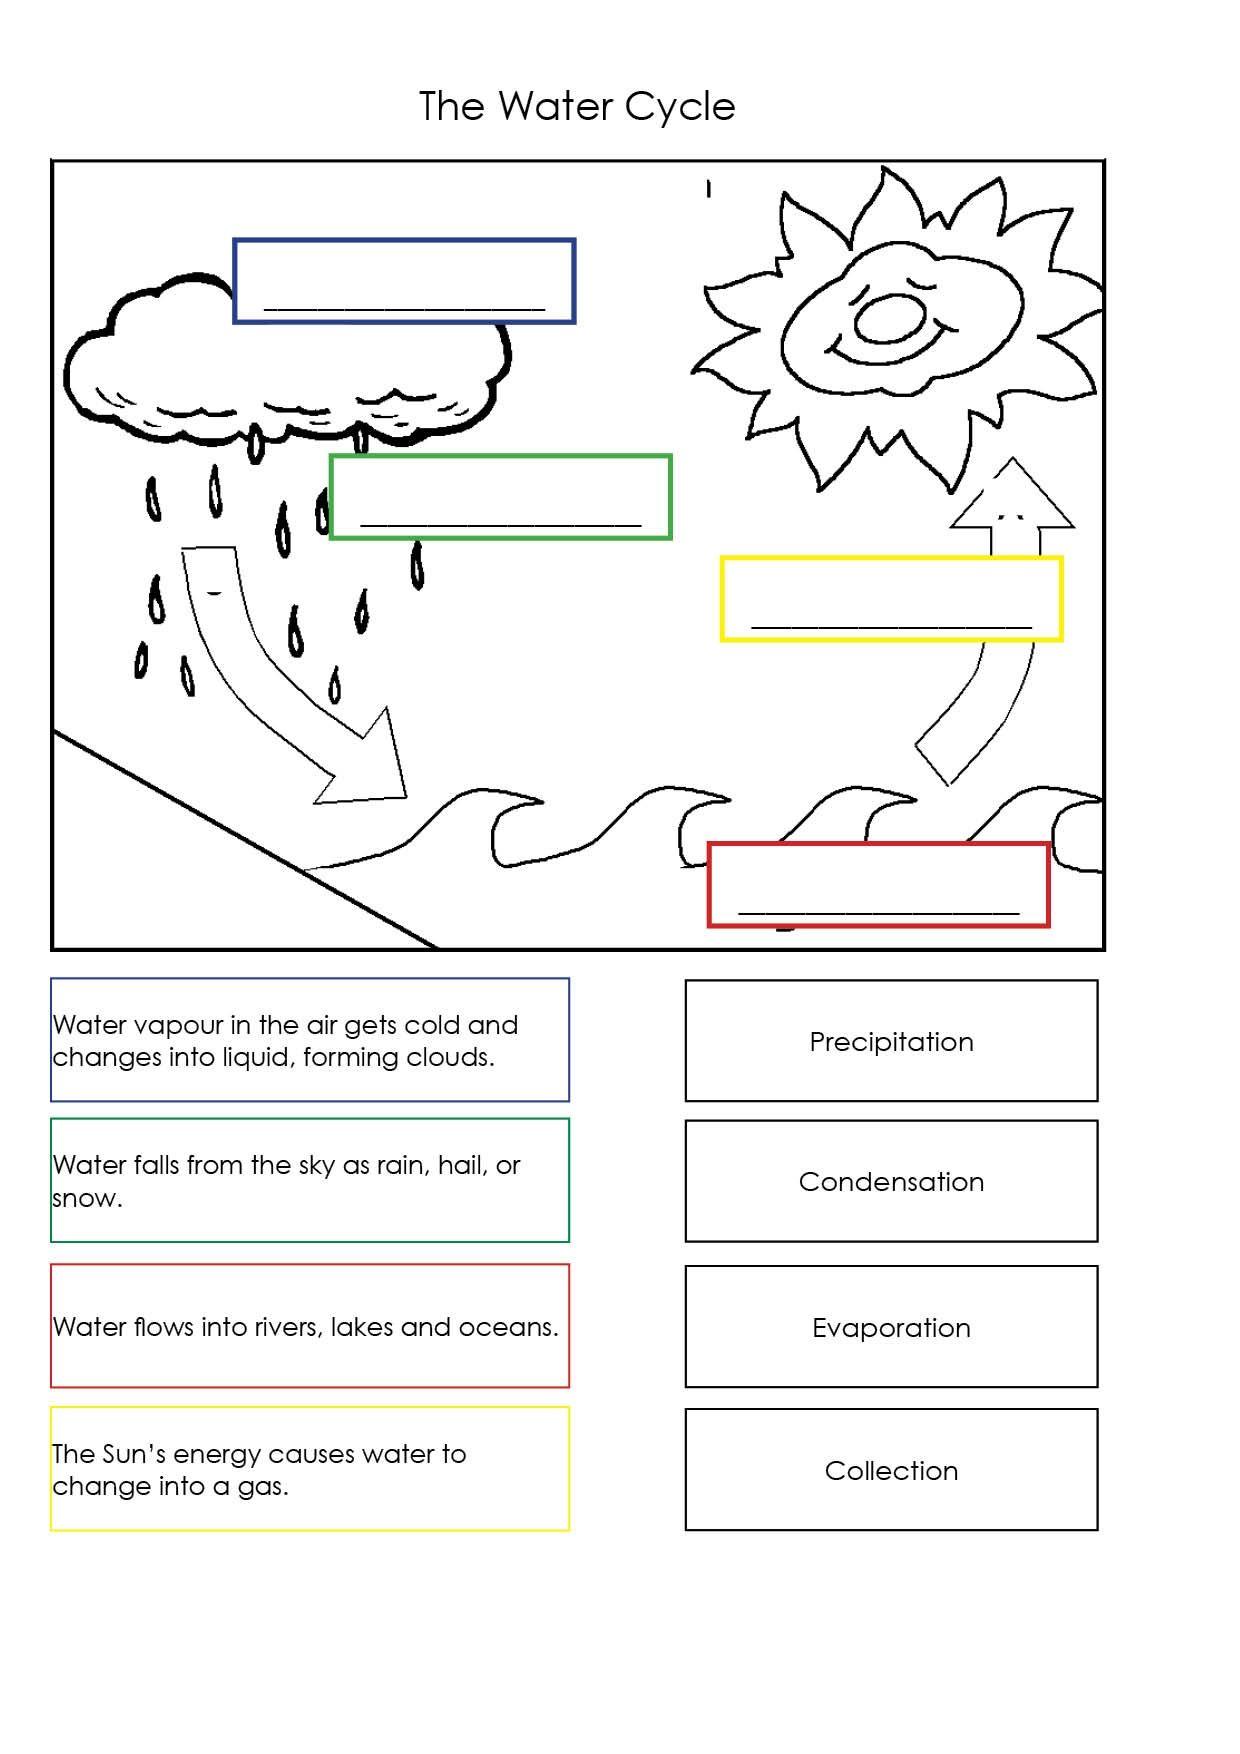 Pin By Re Al Qwasmi On Worksheet Water Cycle Worksheet Water Cycle Plant Life Cycle Worksheet